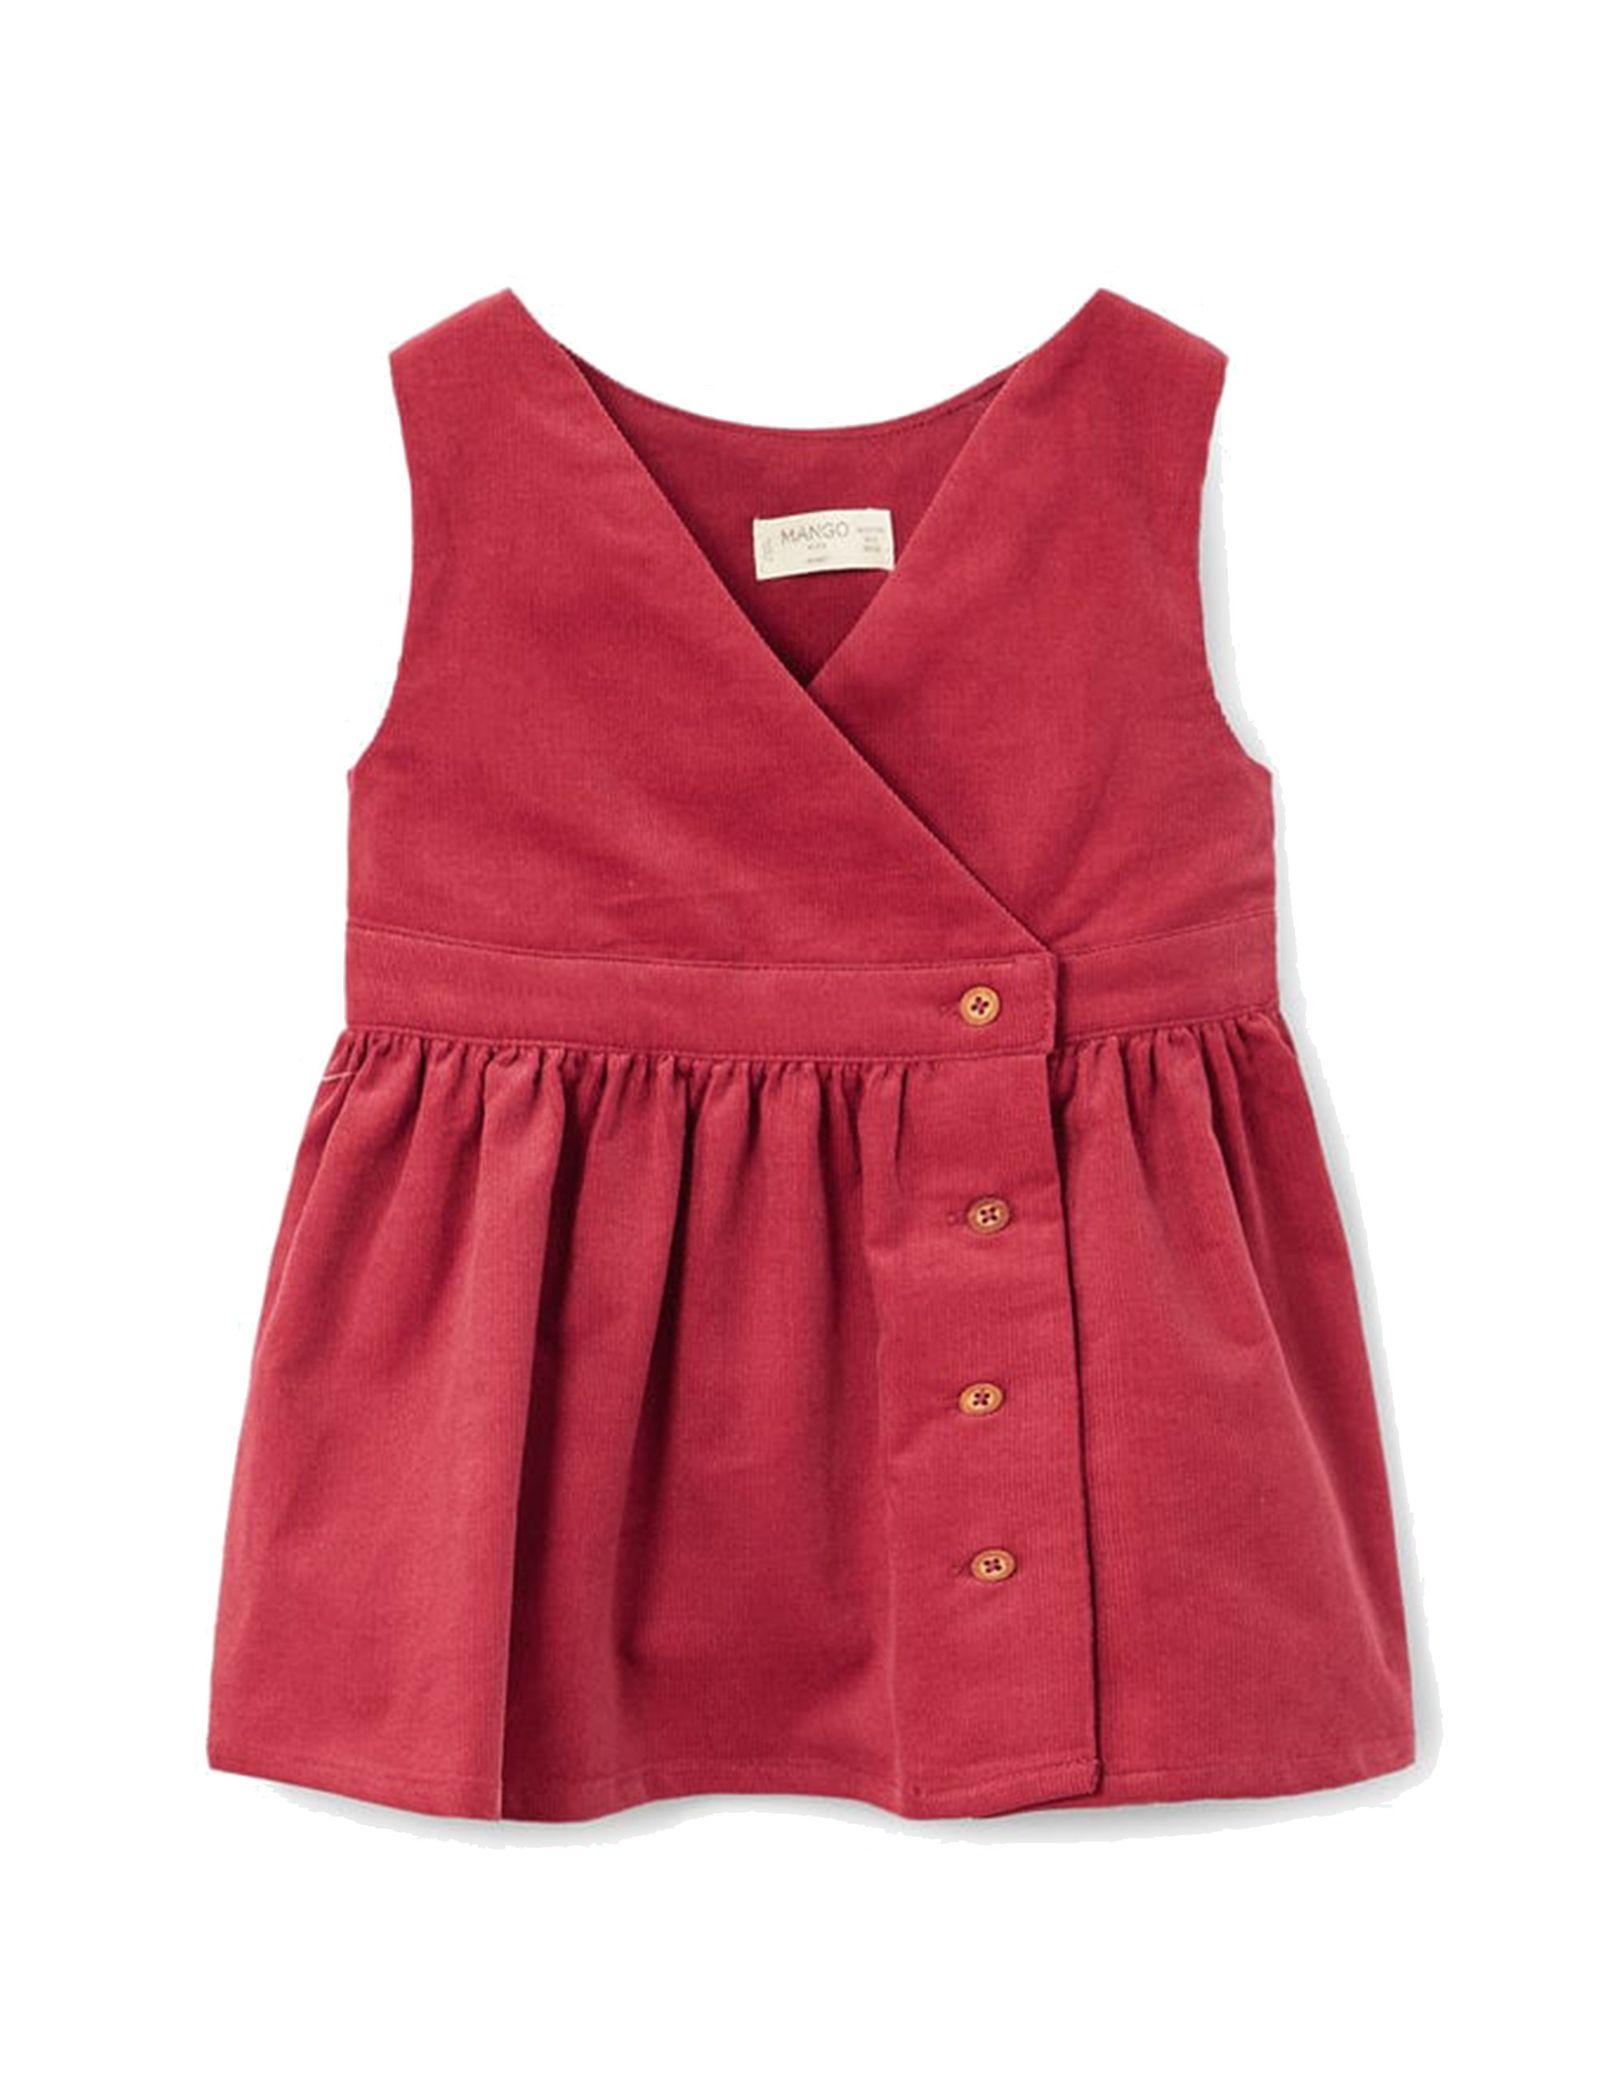 پیراهن نخی بدون آستین نوزادی دخترانه - مانگو - قرمز - 1